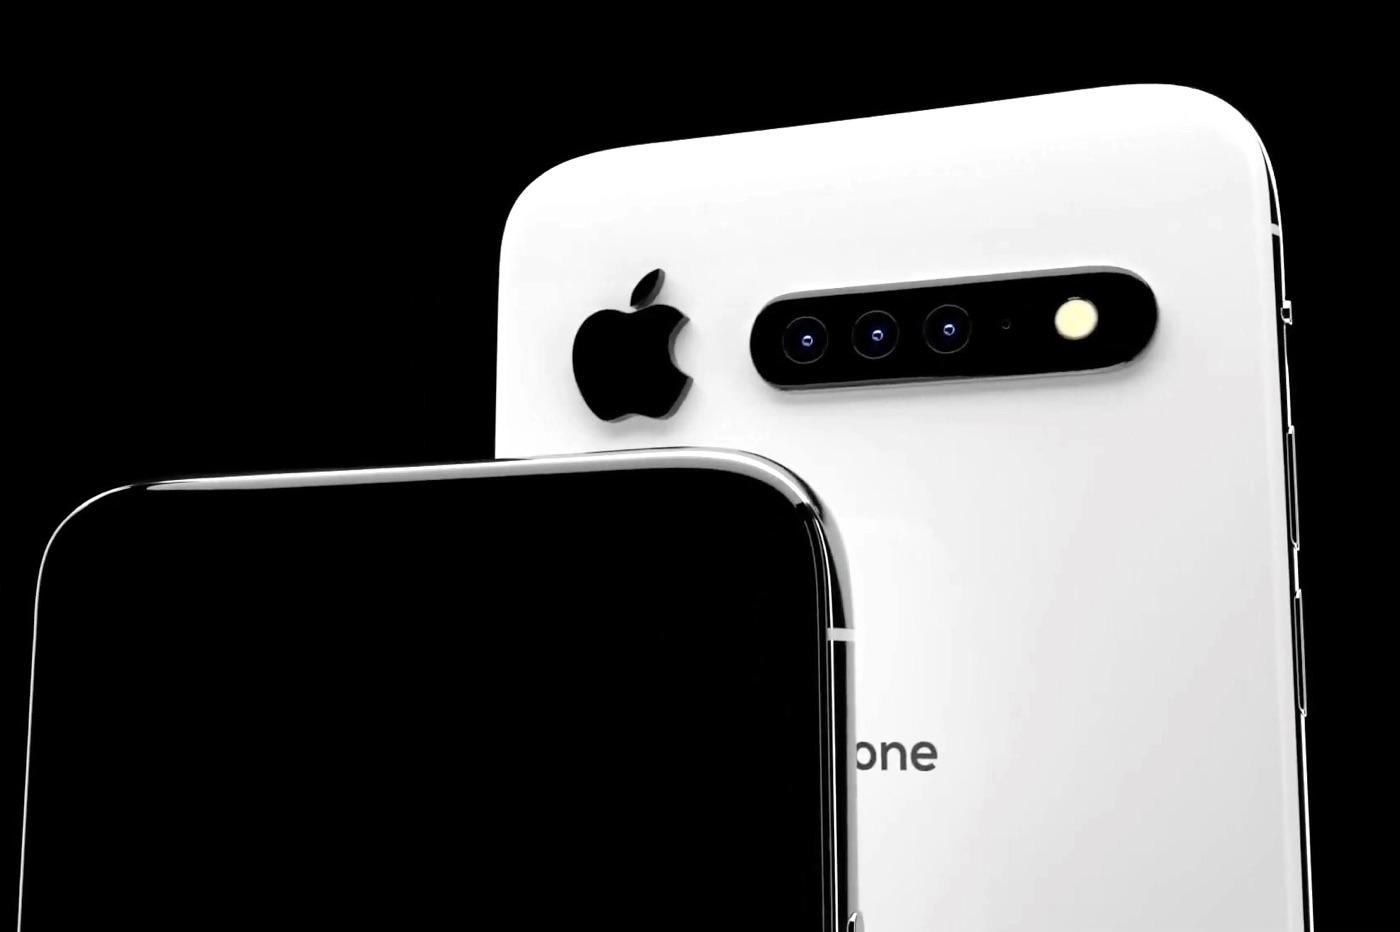 Nouveau concept iPhone 11 : retour de la barre de capteurs photo 1